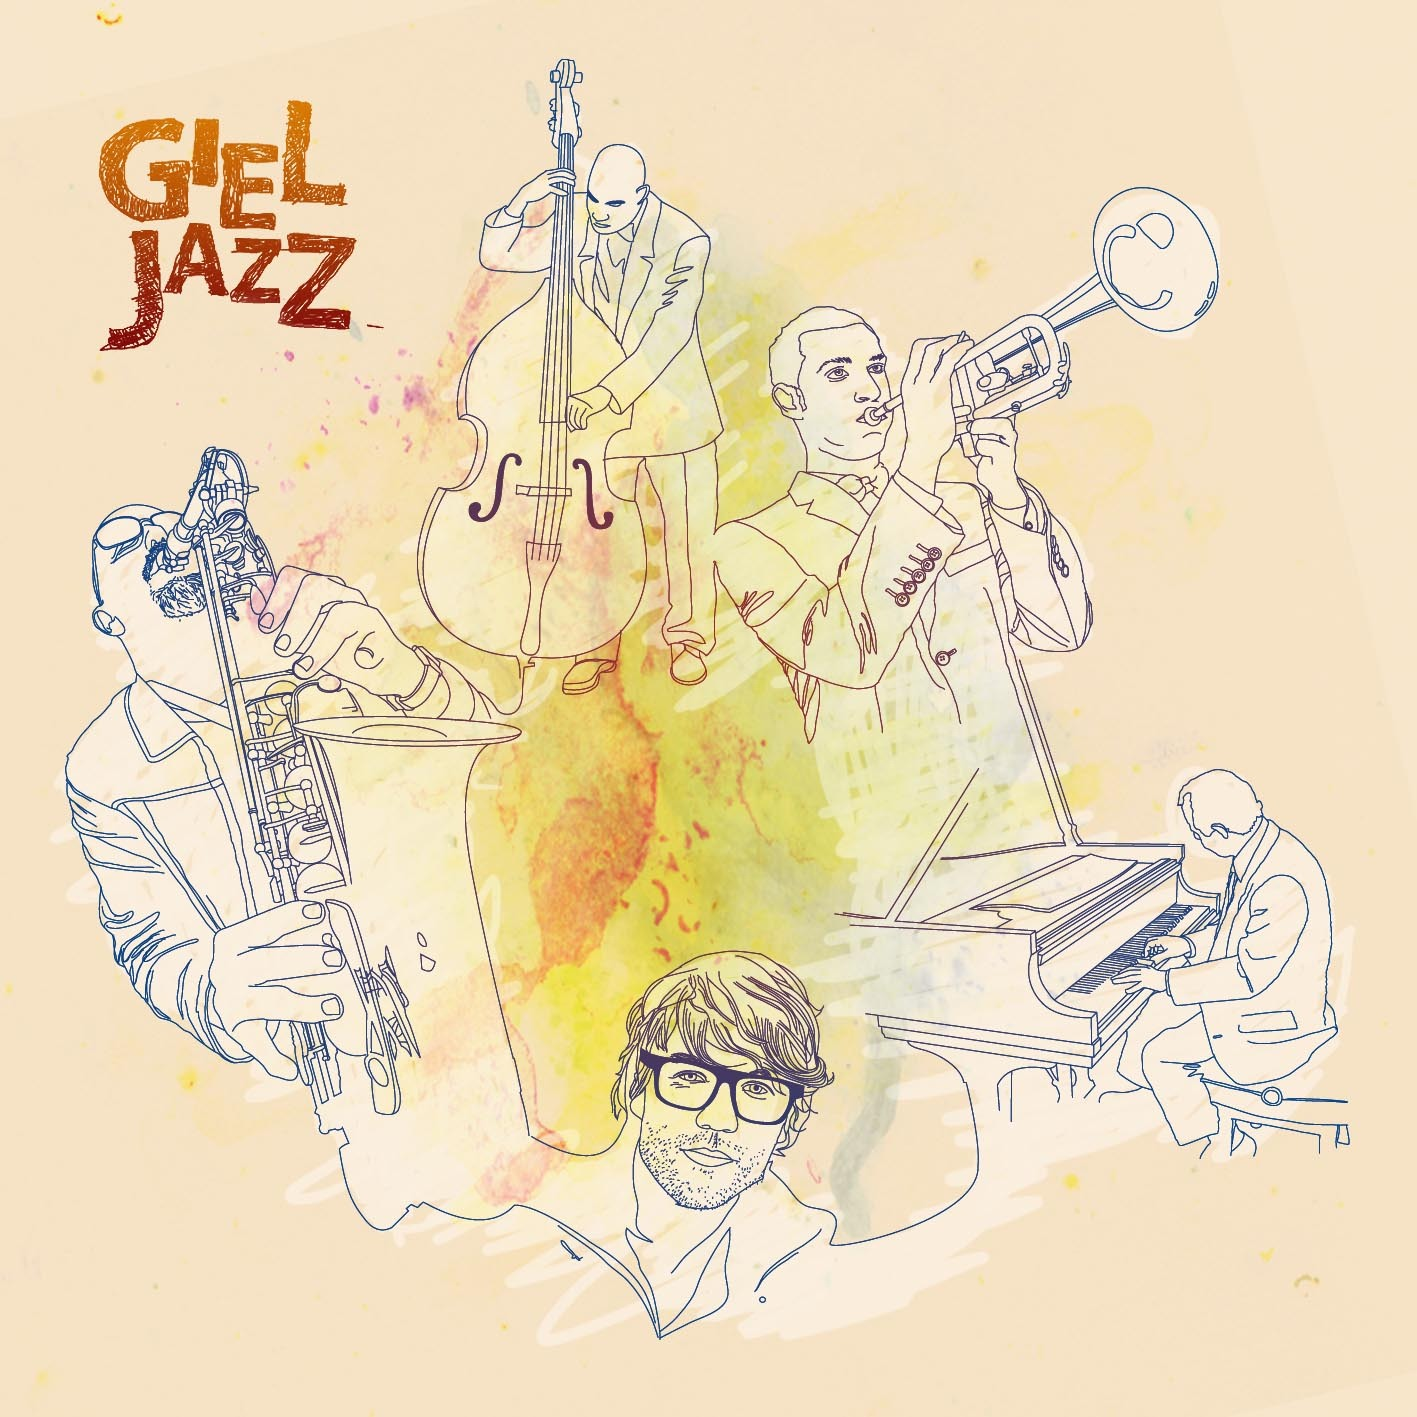 Afbeelding 2 van 2 - Giel Beelen Jazz CD Cover illustratie